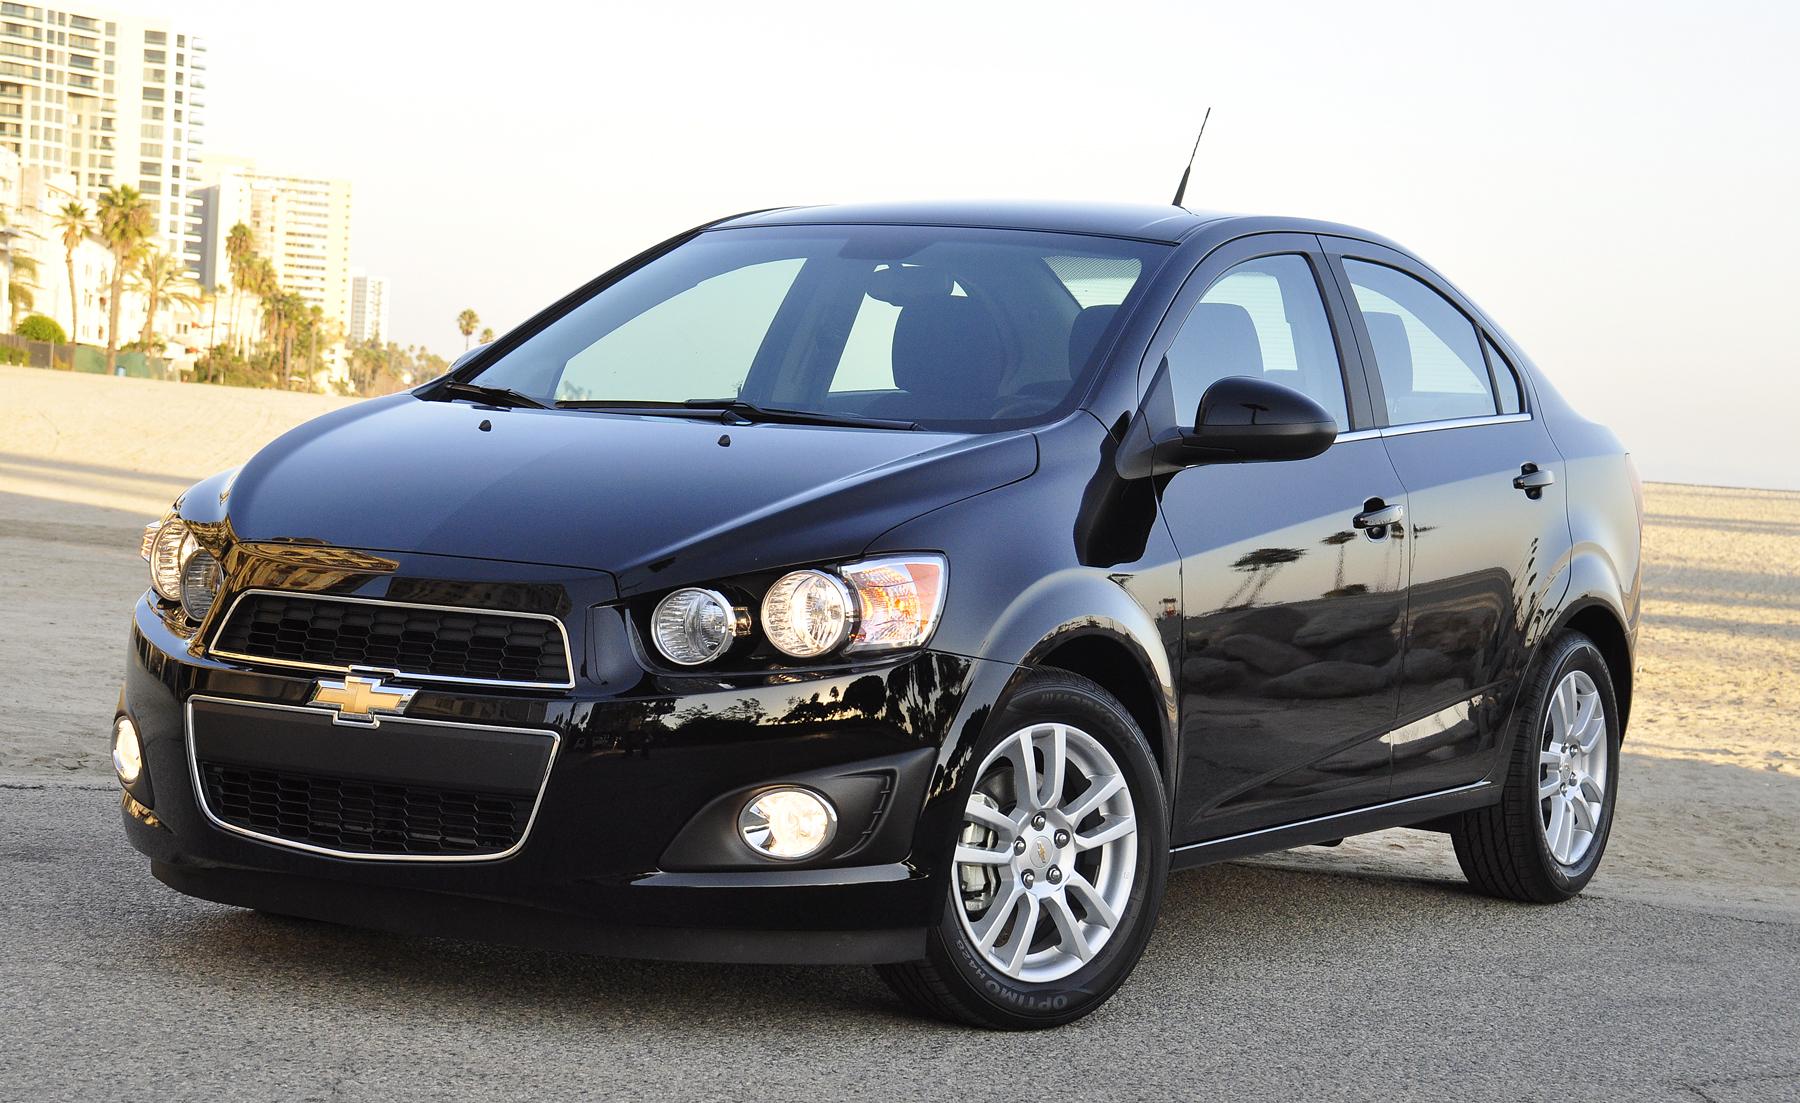 2012 Chevrolet Sonic Lt 1 8 Liter Sedan Drive To Vegas Amp Back